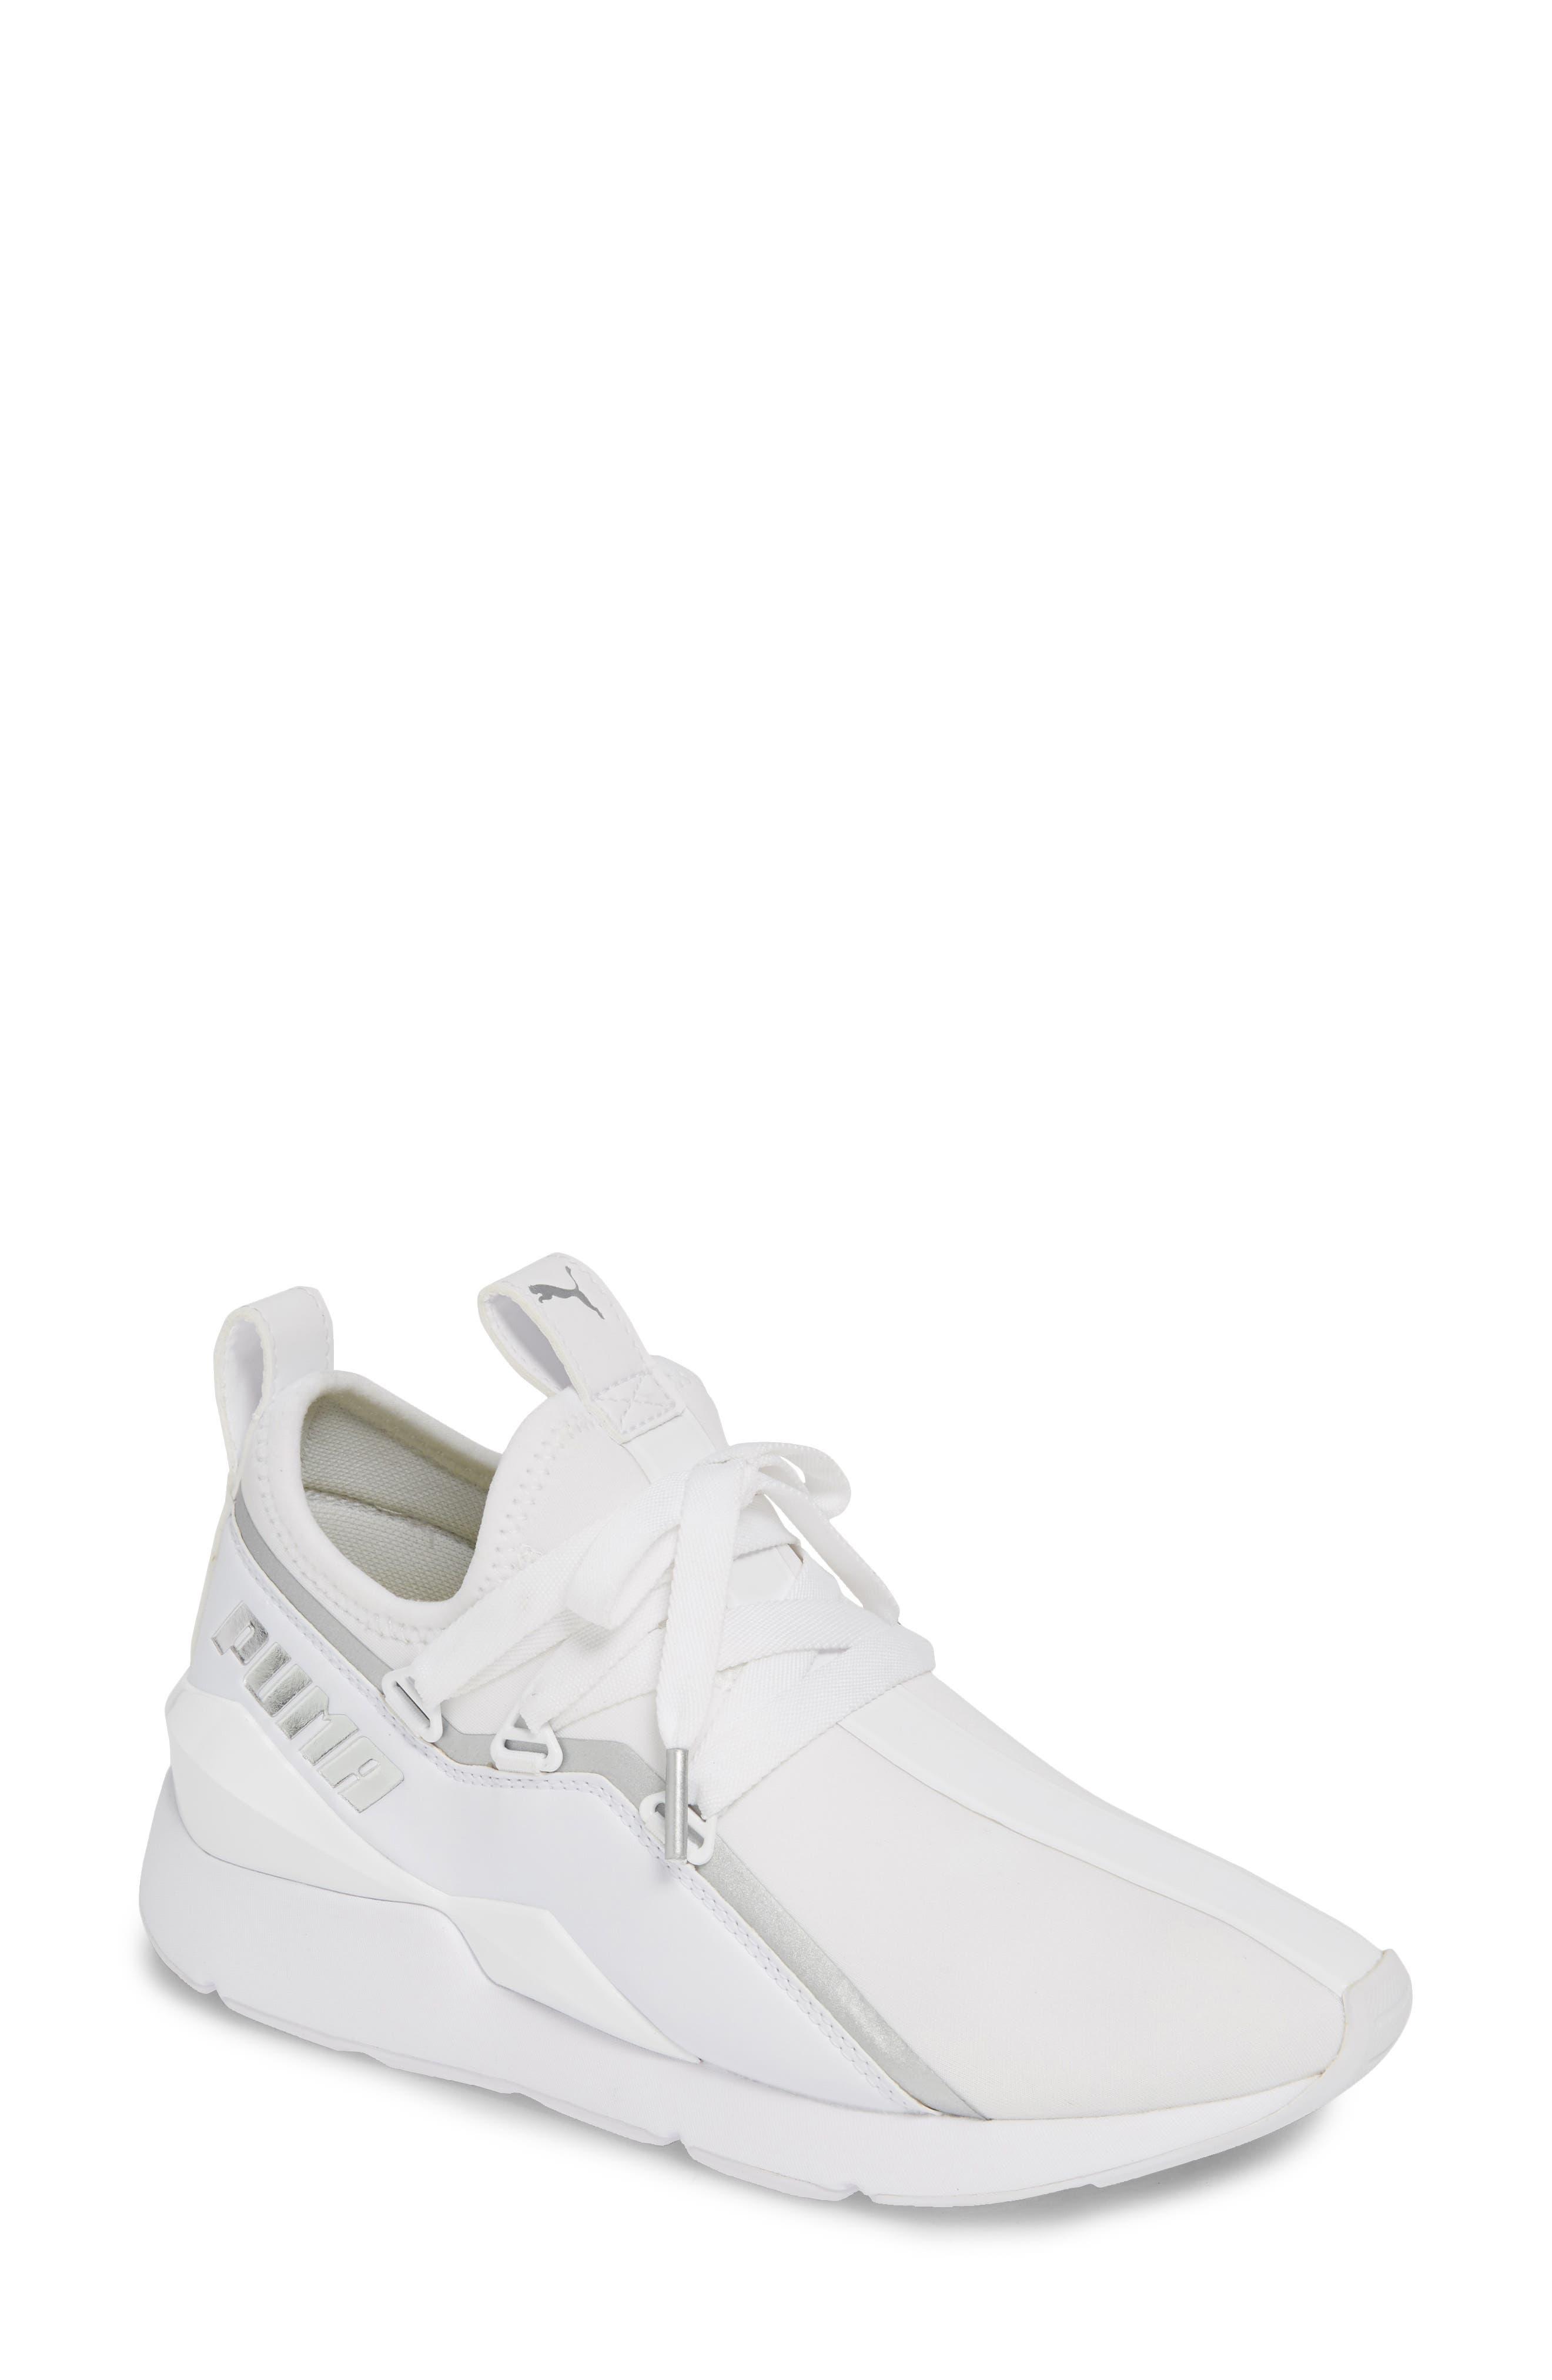 PUMA Muse 2 Trailblazer Sneaker, Main, color, WHITE/ SILVER